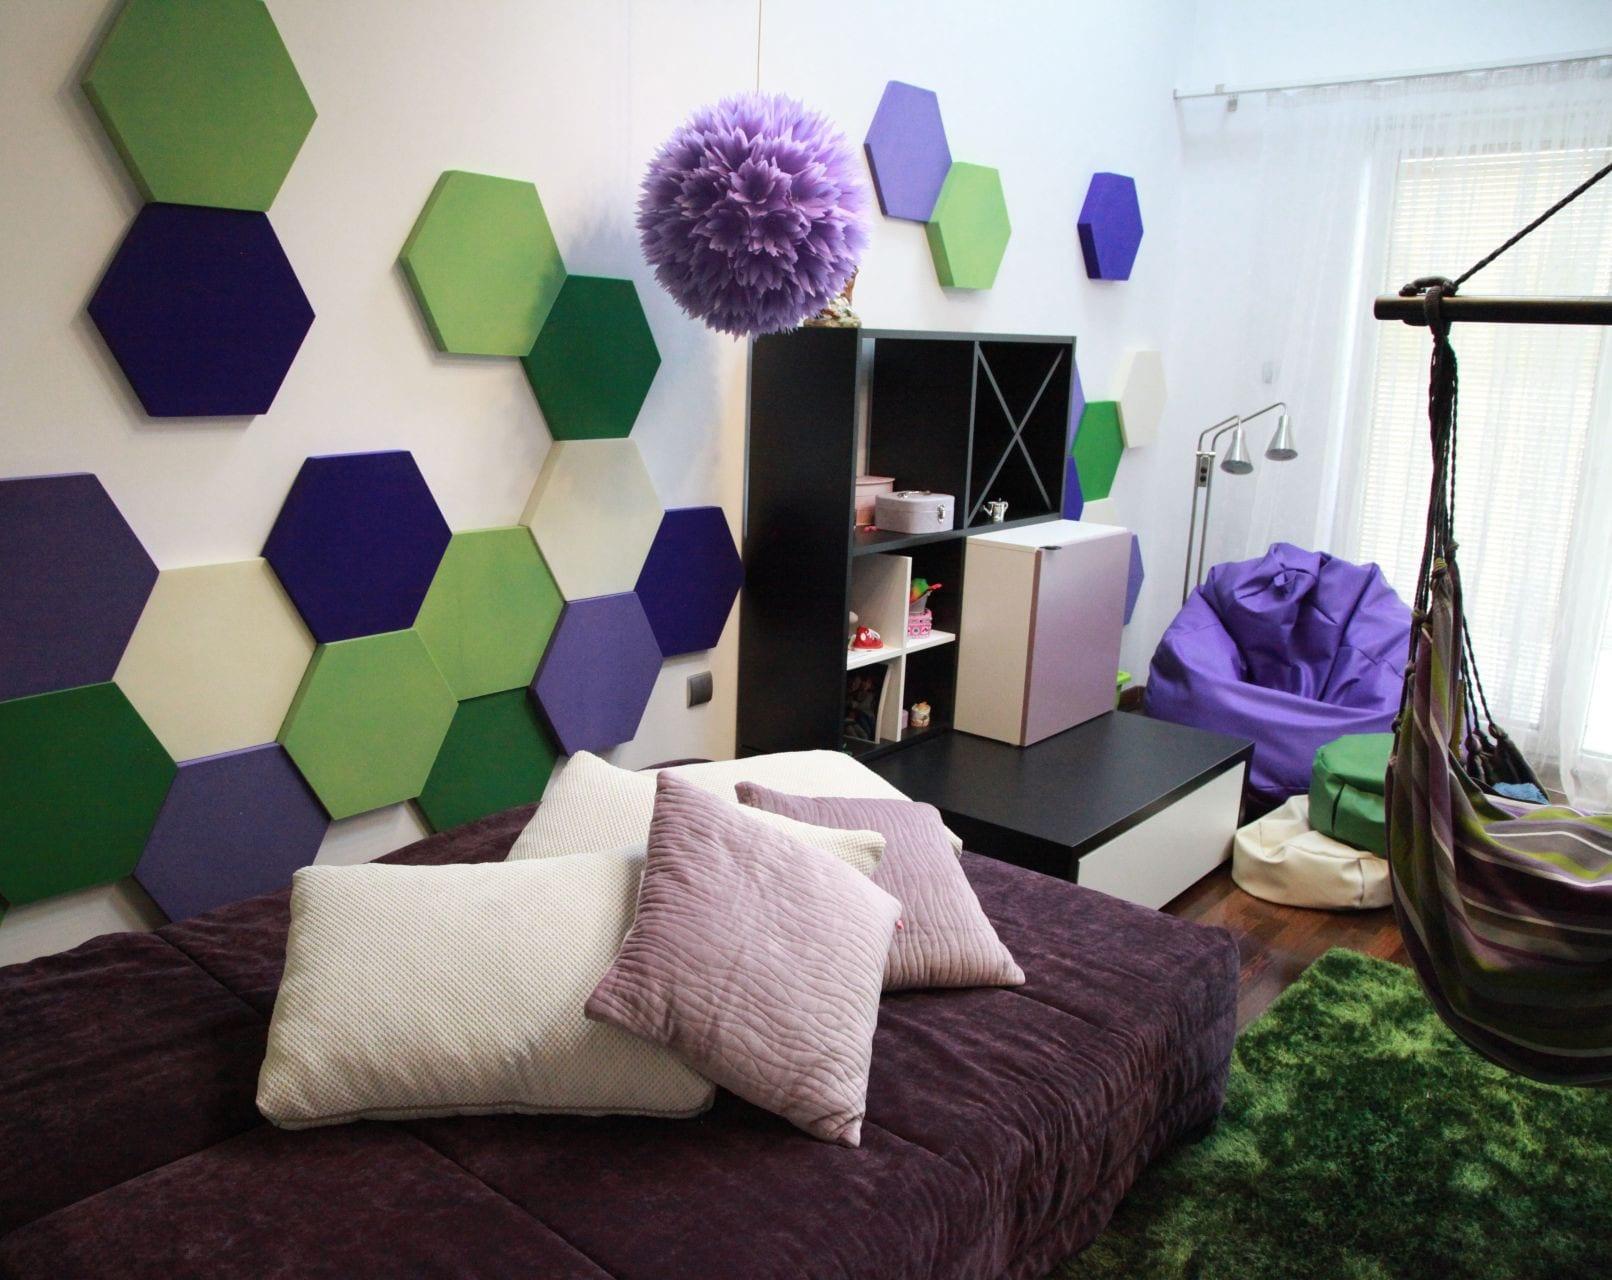 https://cdn.freshouse.de/uploads/2015/10/kreative-wohnideen-f%C3%BCr-moderne-wandgestaltung-wohnzimmer-und-farbgestaltung-w%C3%A4nde-in-gr%C3%BCn-und-lila-e1445943905313.jpg